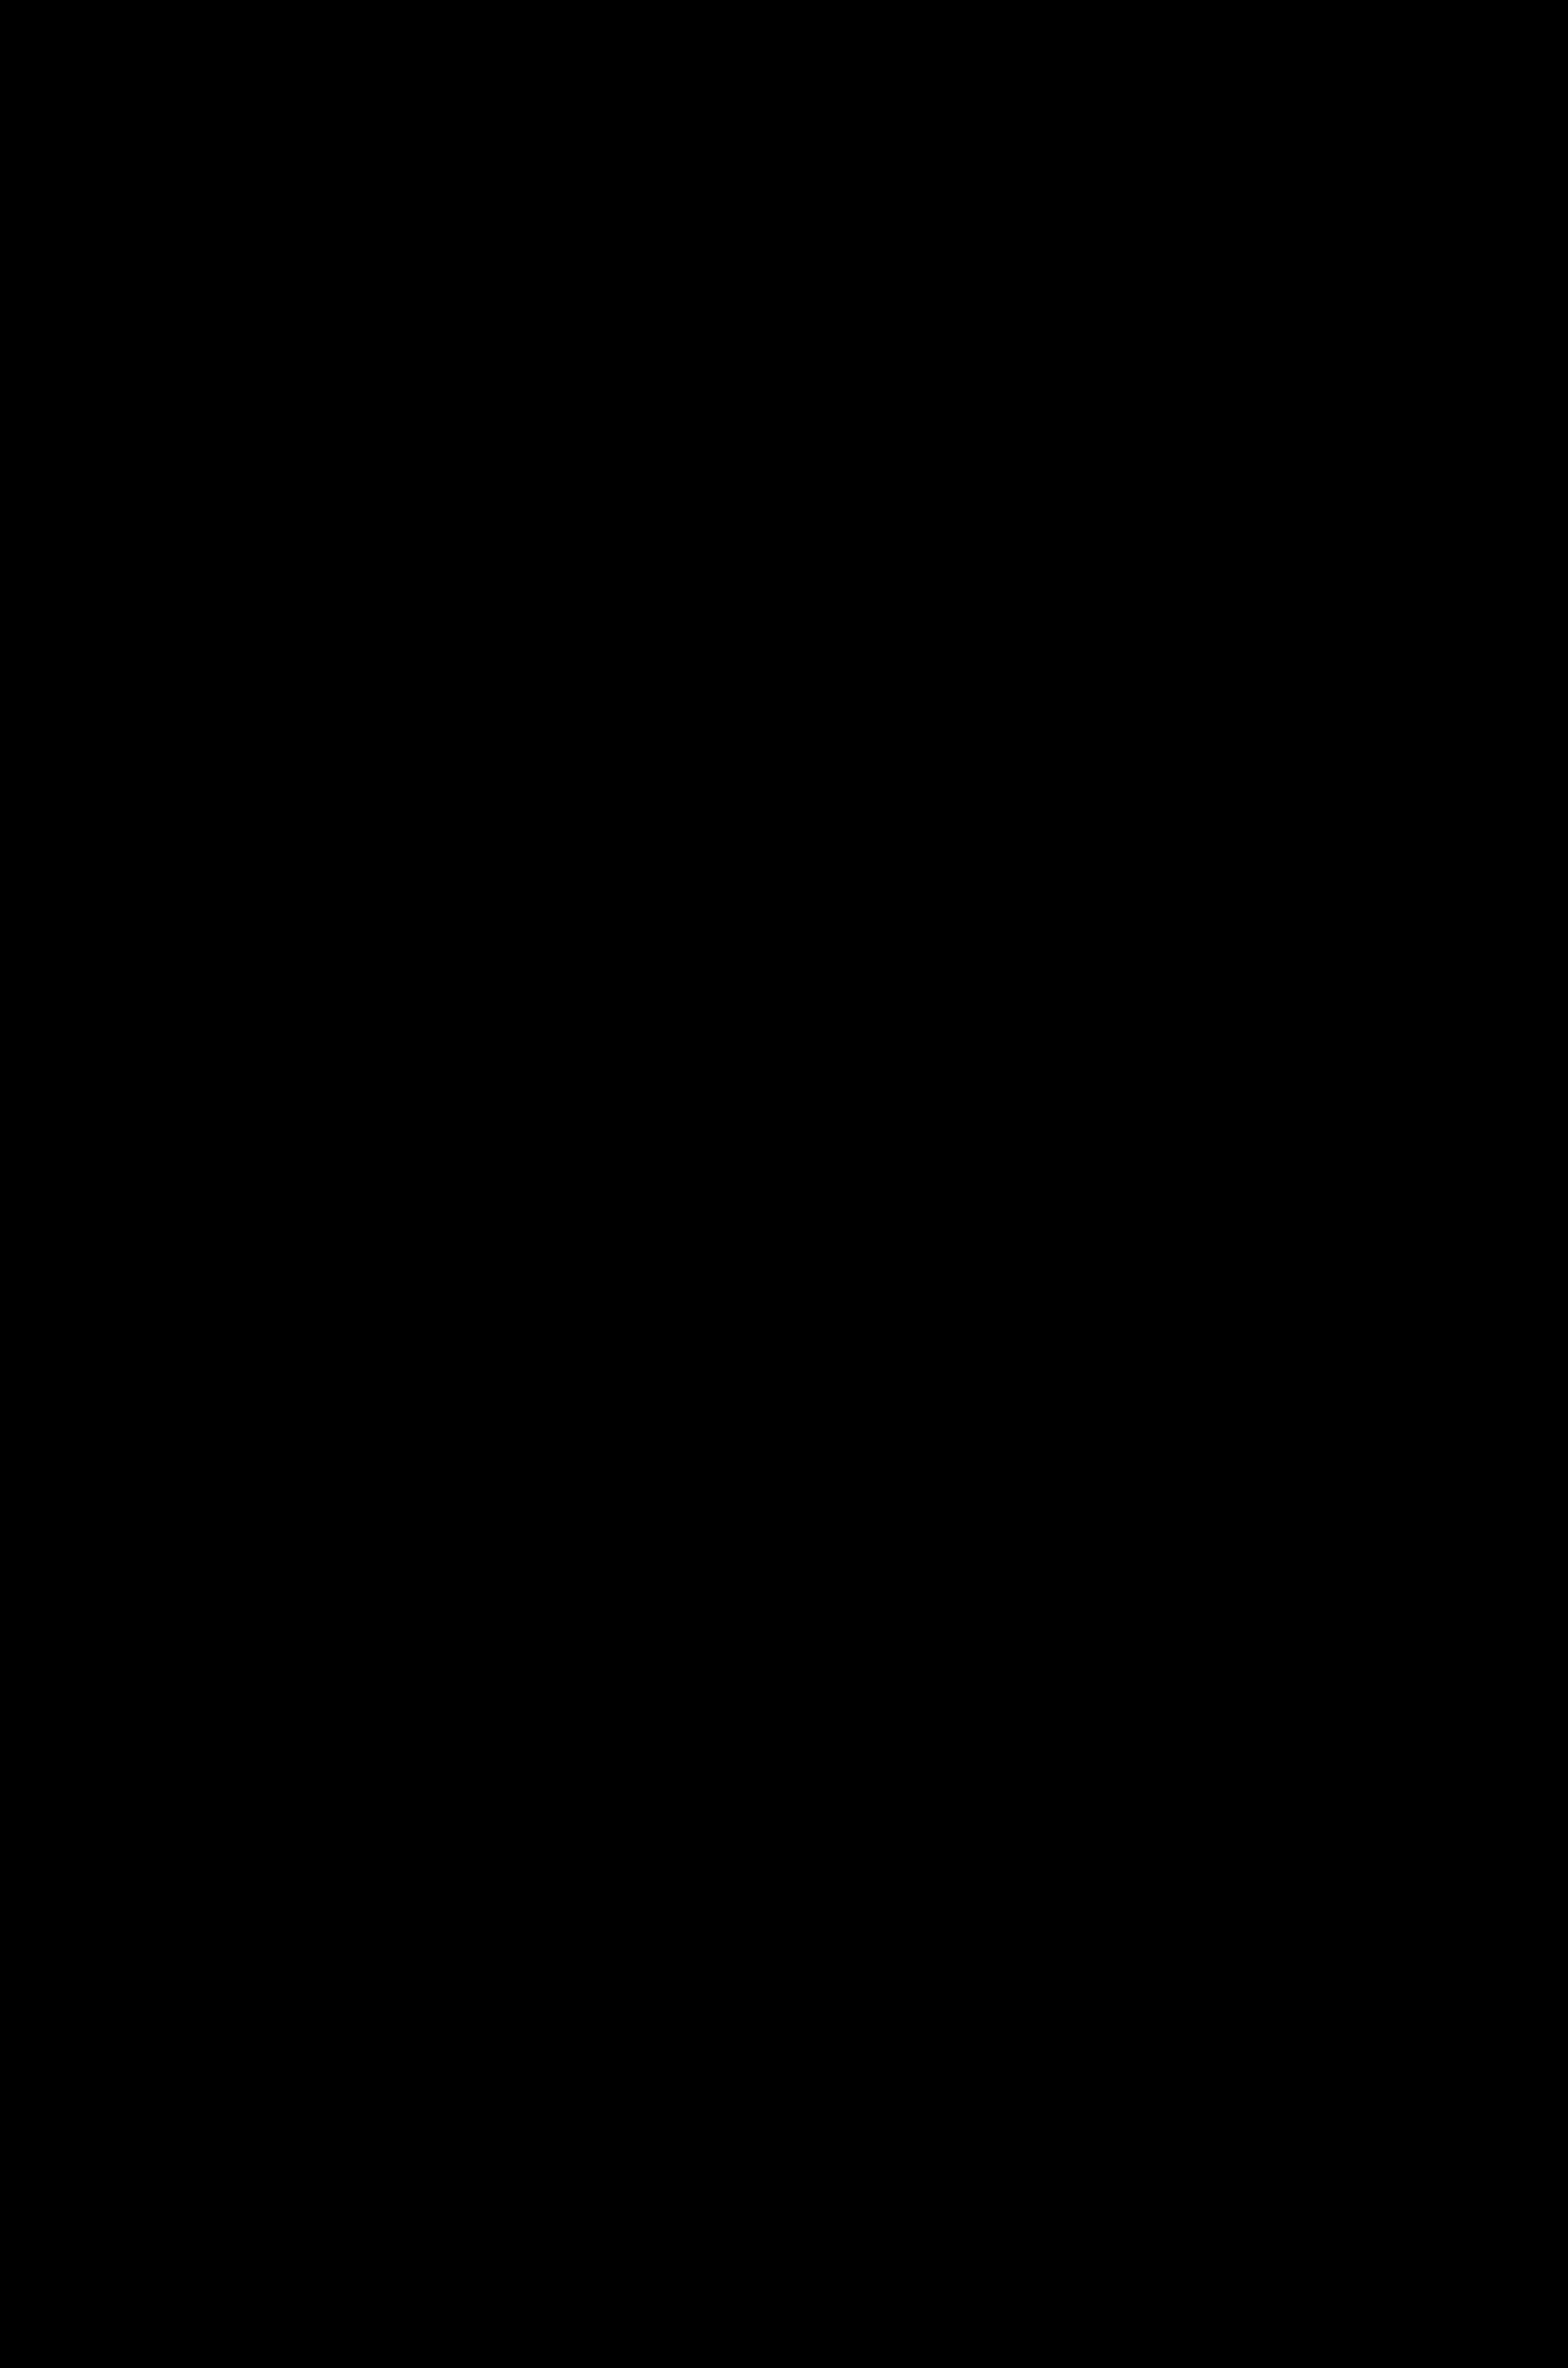 dsc_5669-2-min